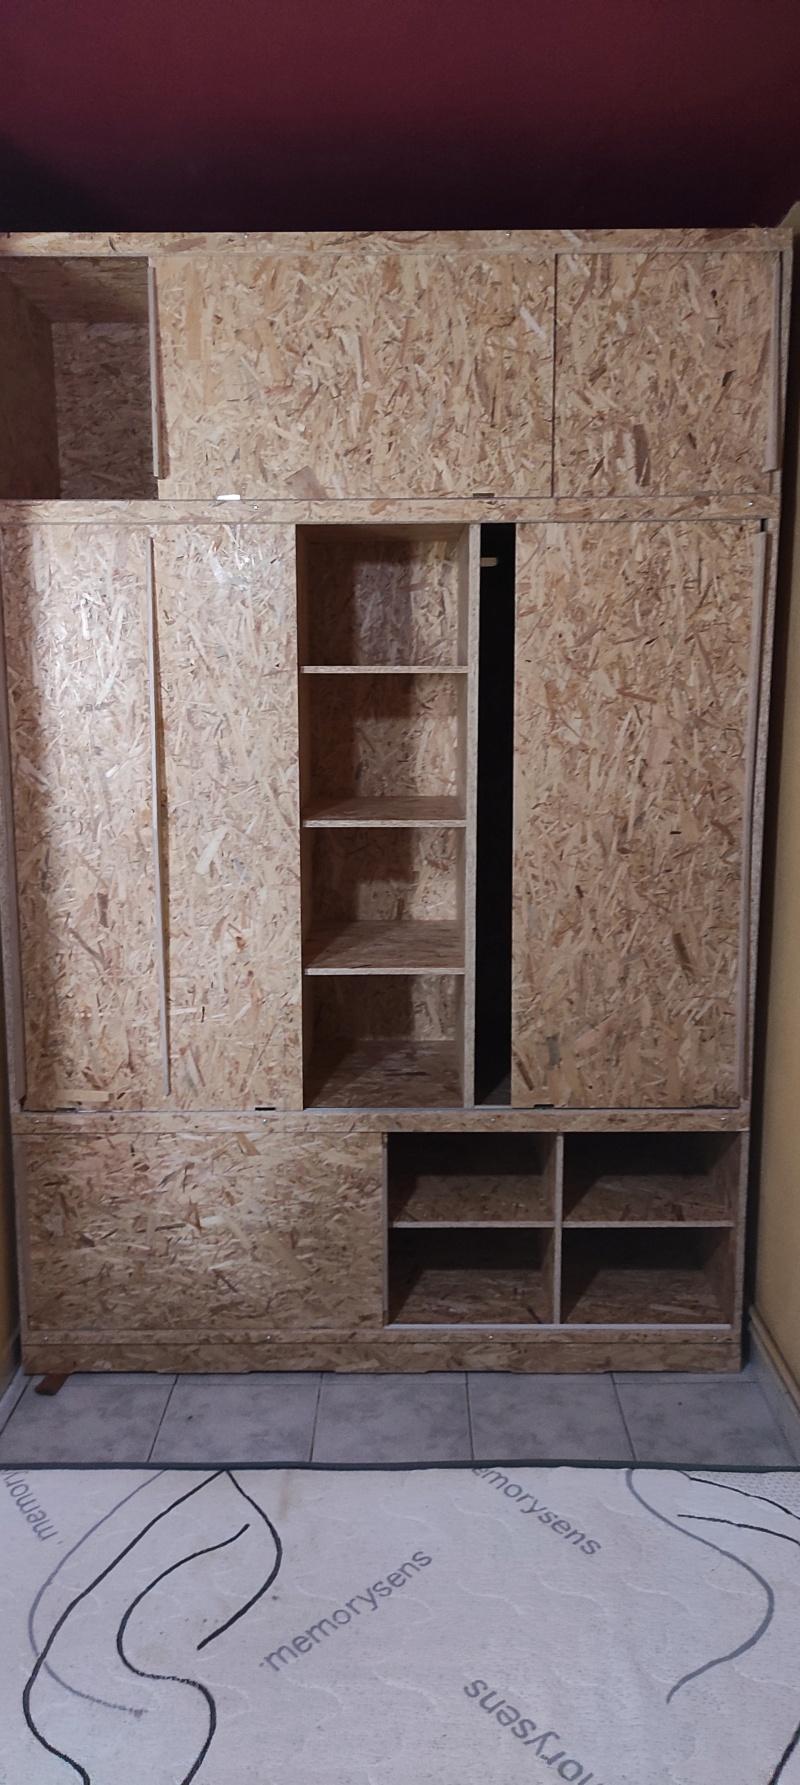 Conseils sur conception d'une grande armoire 16205613